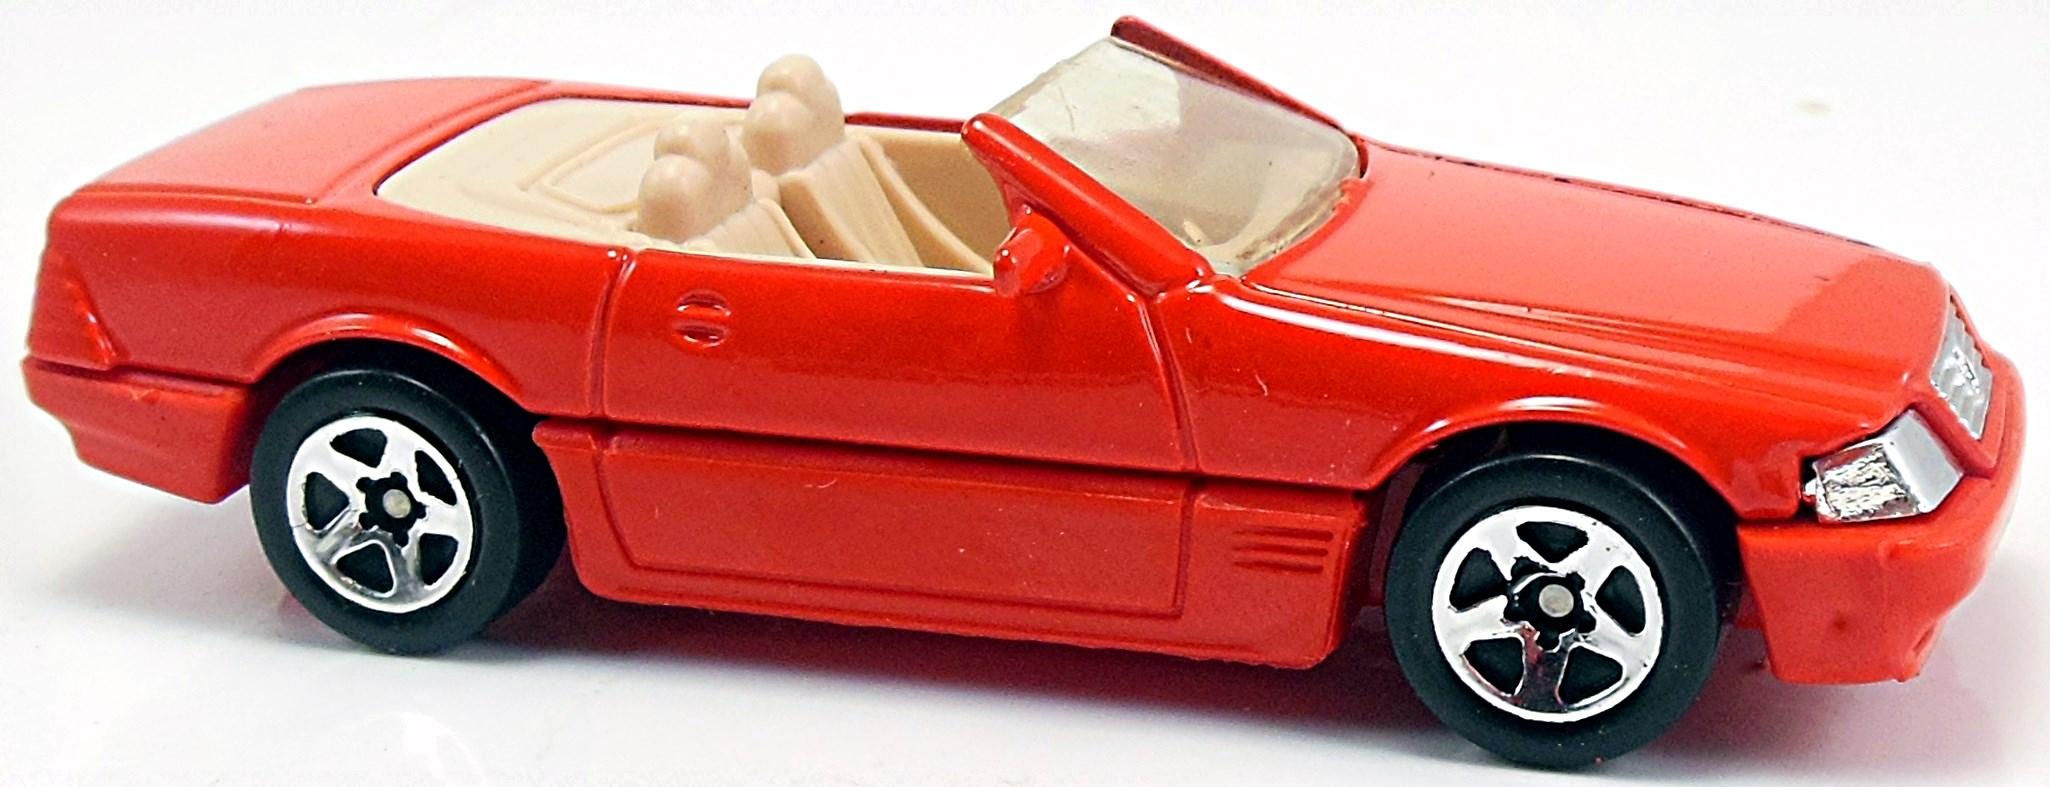 Mercedes benz sl 500sl 80mm 1991 2003 hot wheels for Hot wheels mercedes benz